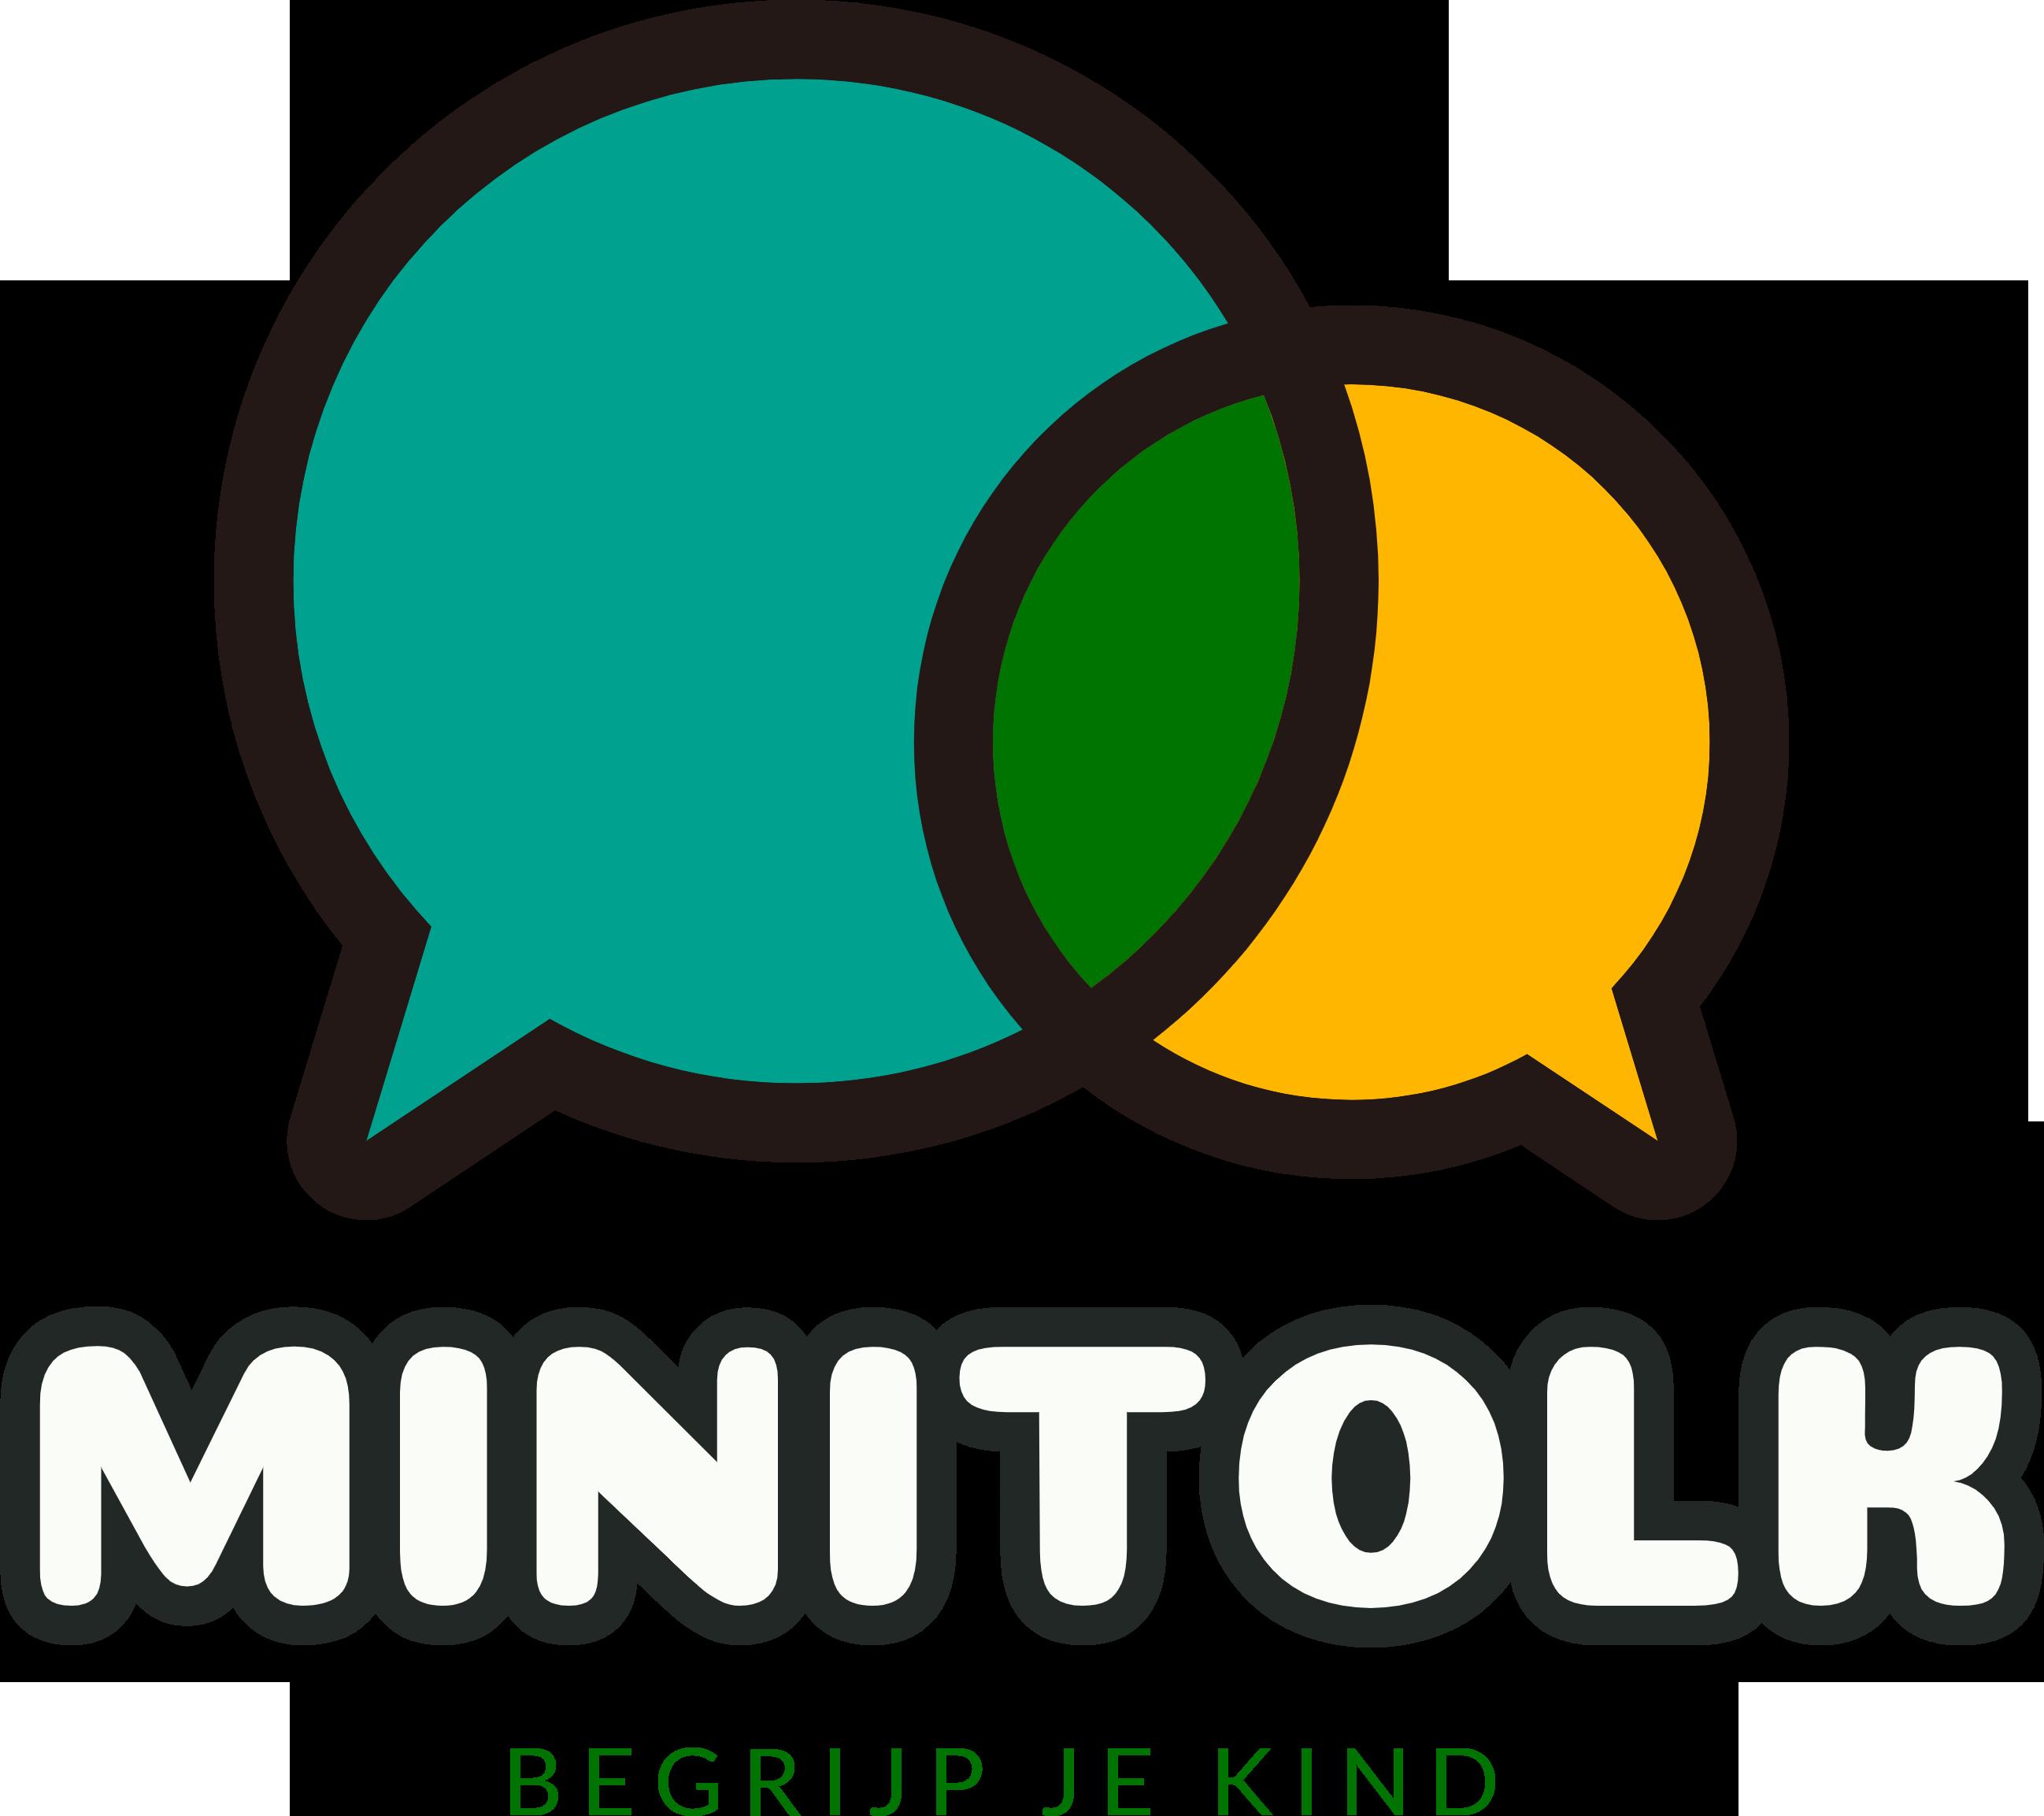 Minitolk